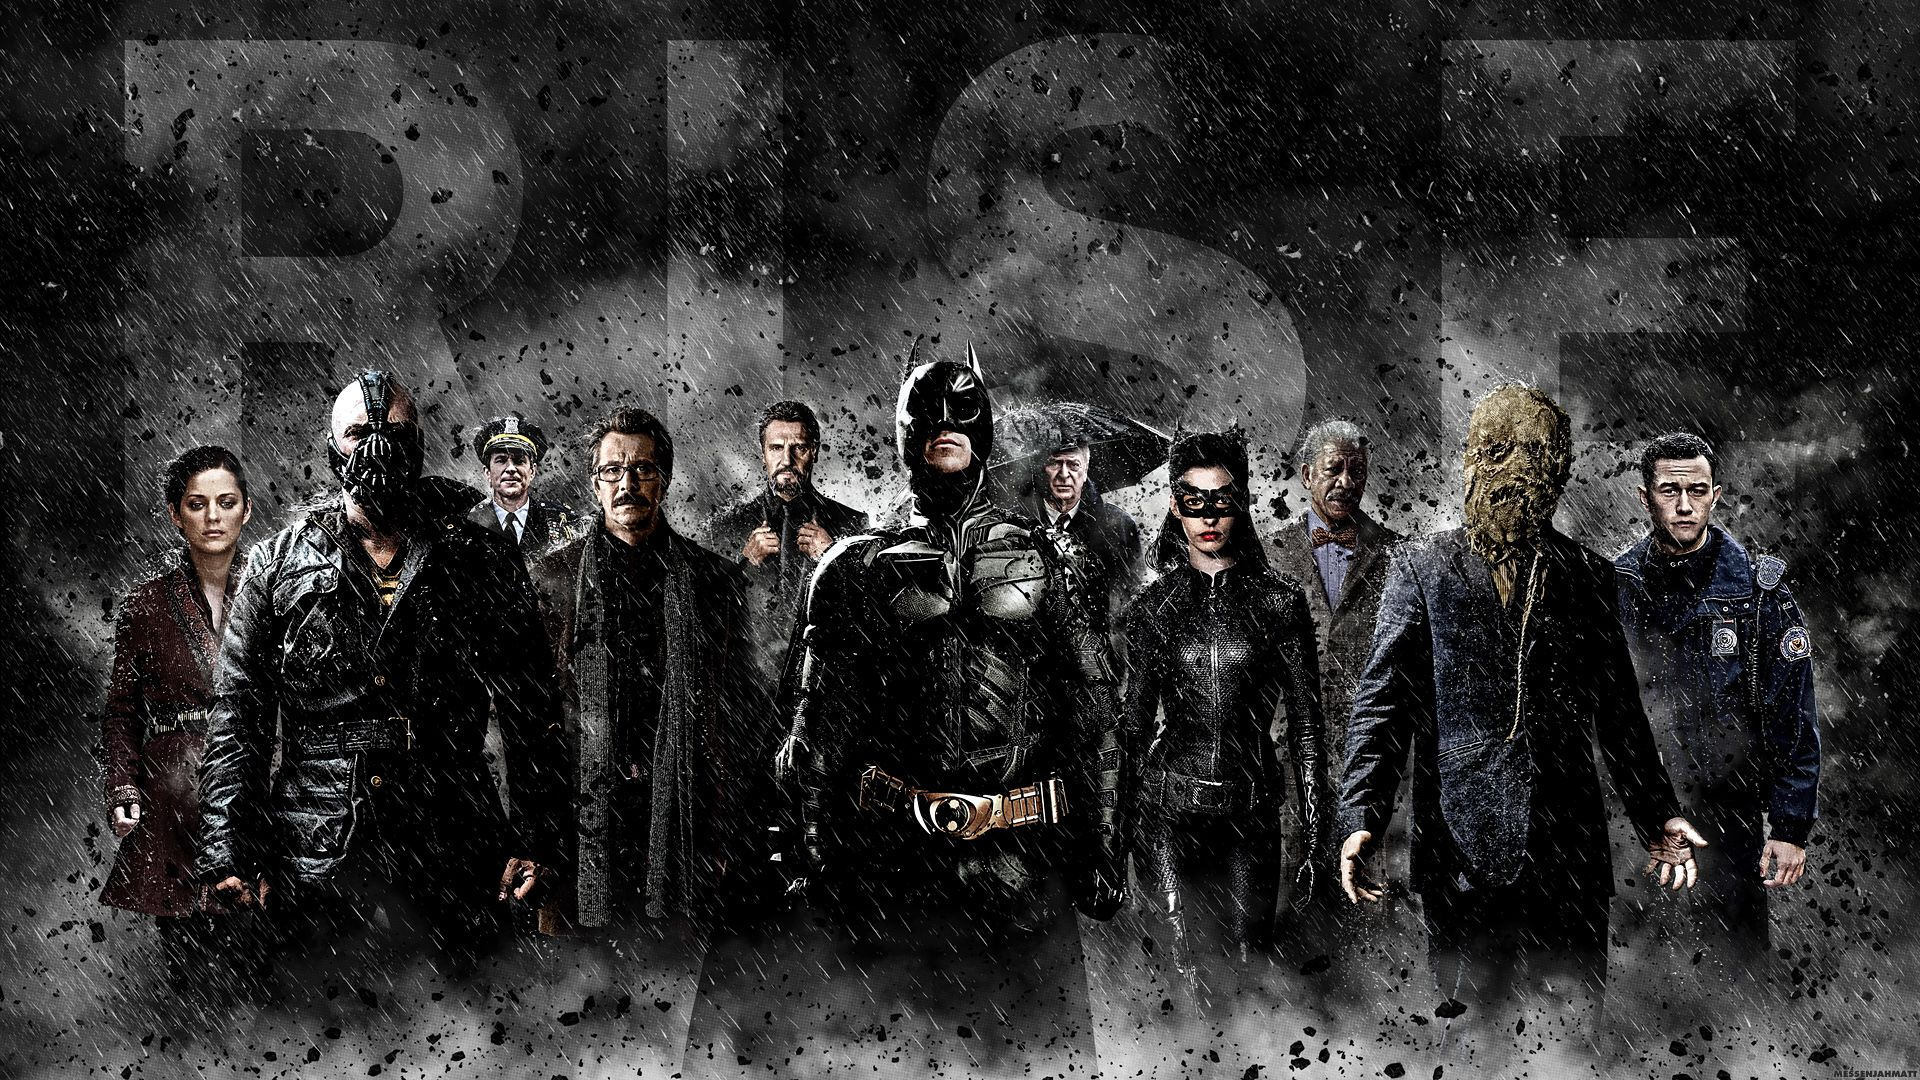 Alfred Pennyworth Anne Hathaway Bane Batman The Dark Knight Rises Wallpaper Wallbase